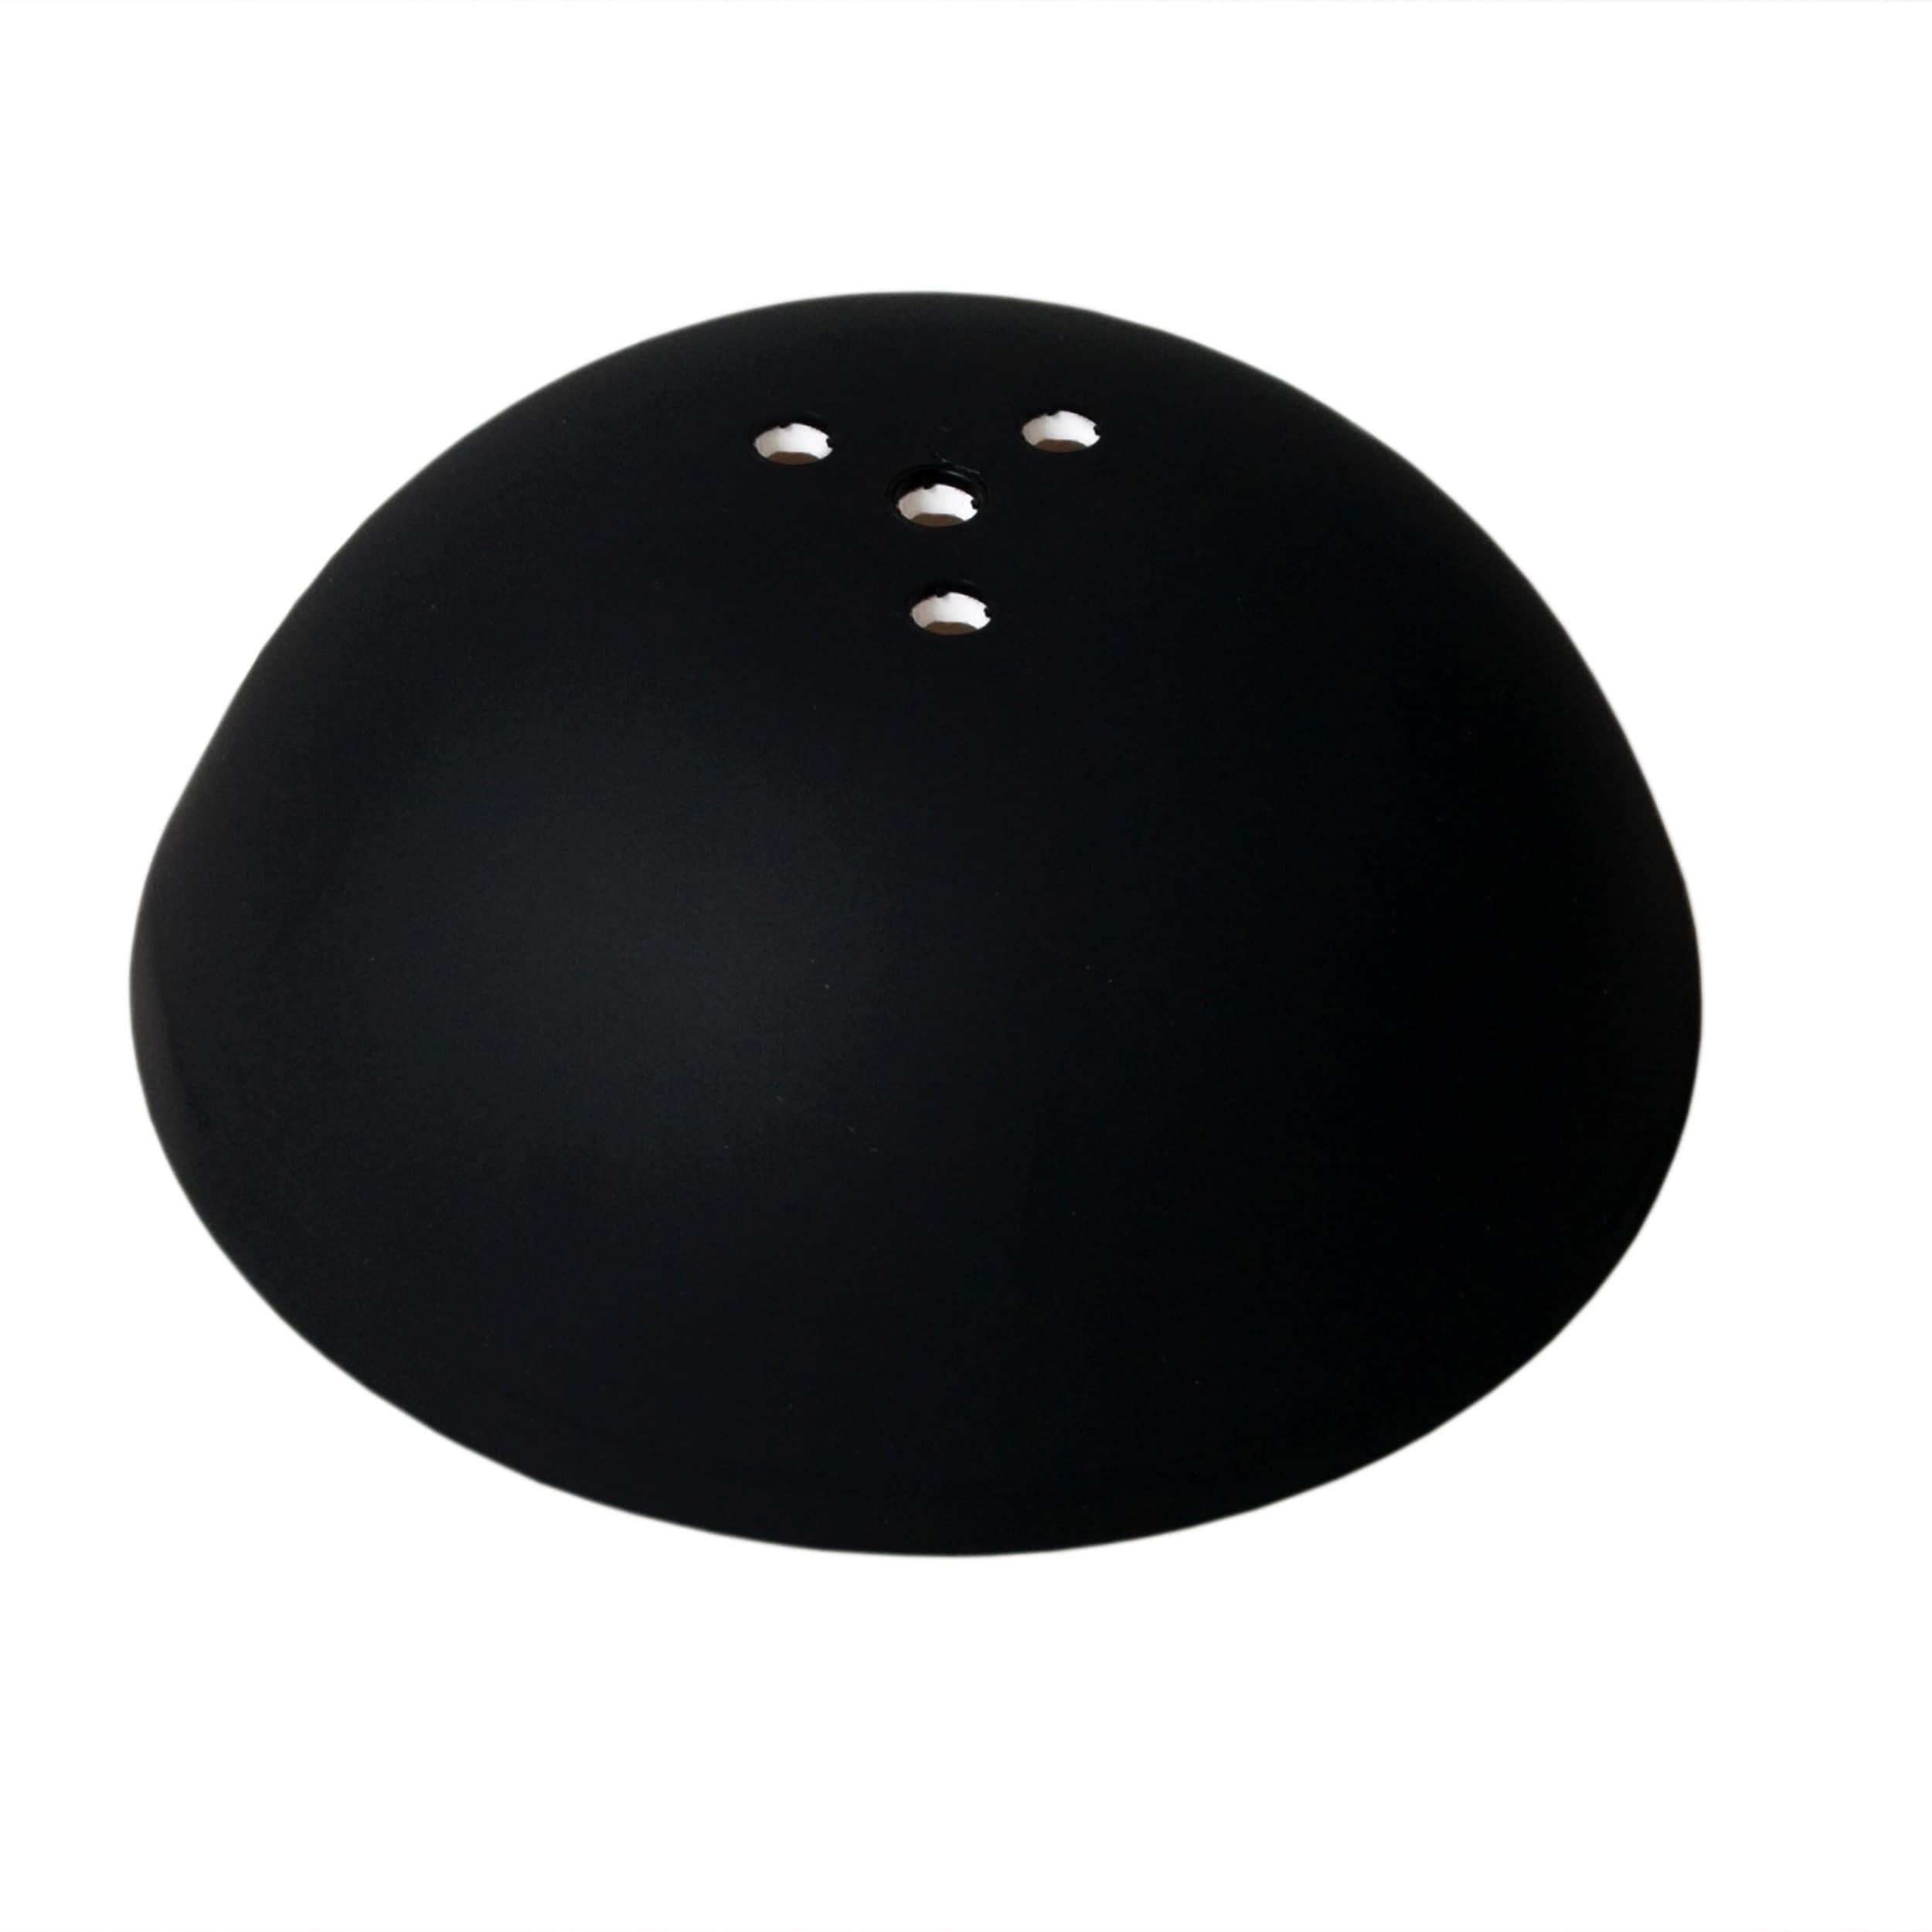 CableCup quattro svart